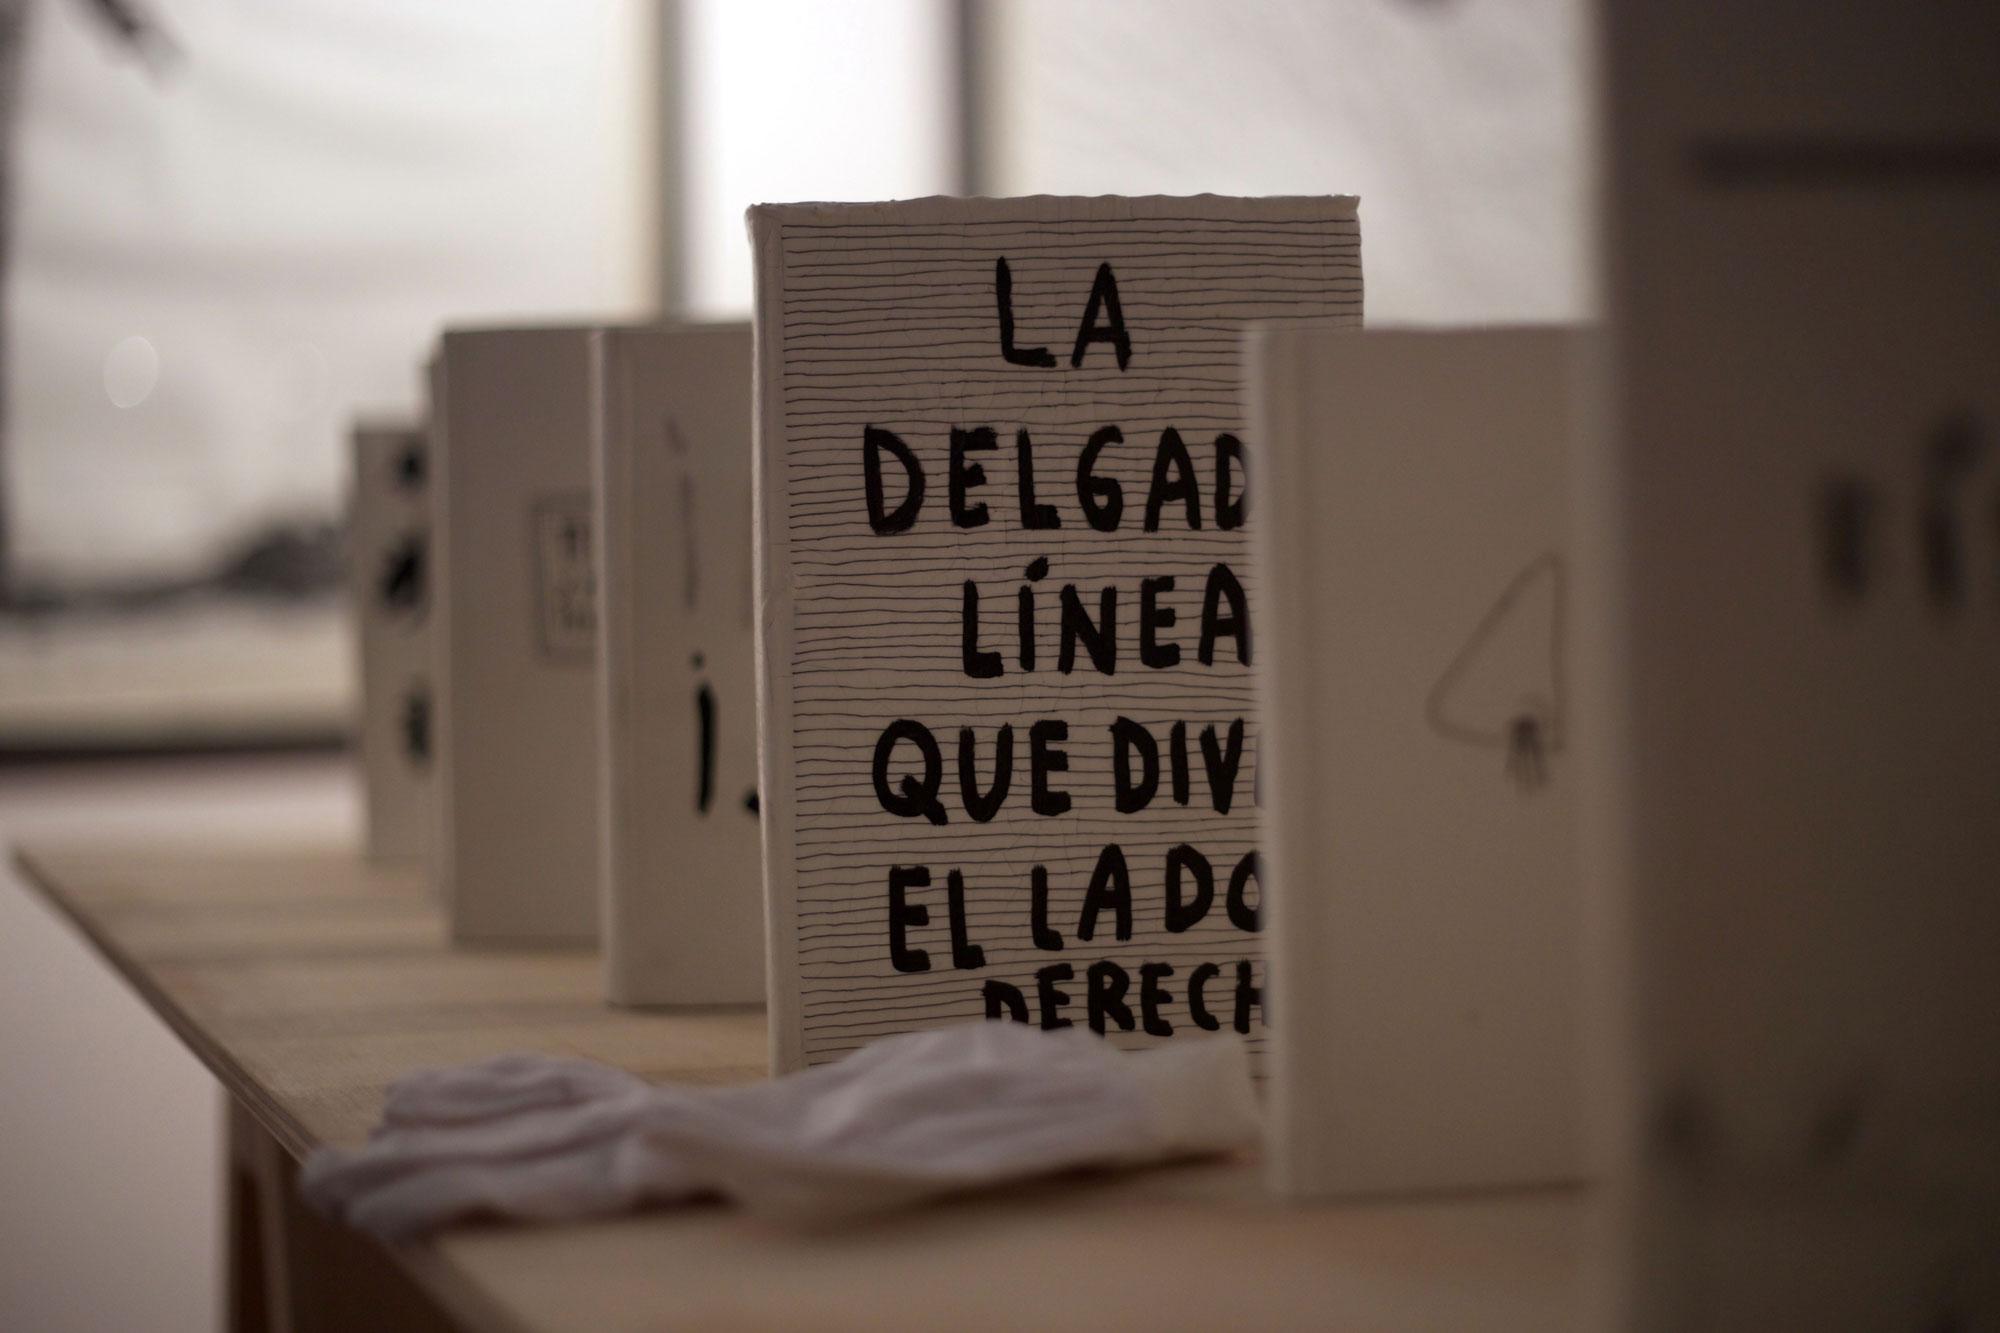 la_delgada_linea_2